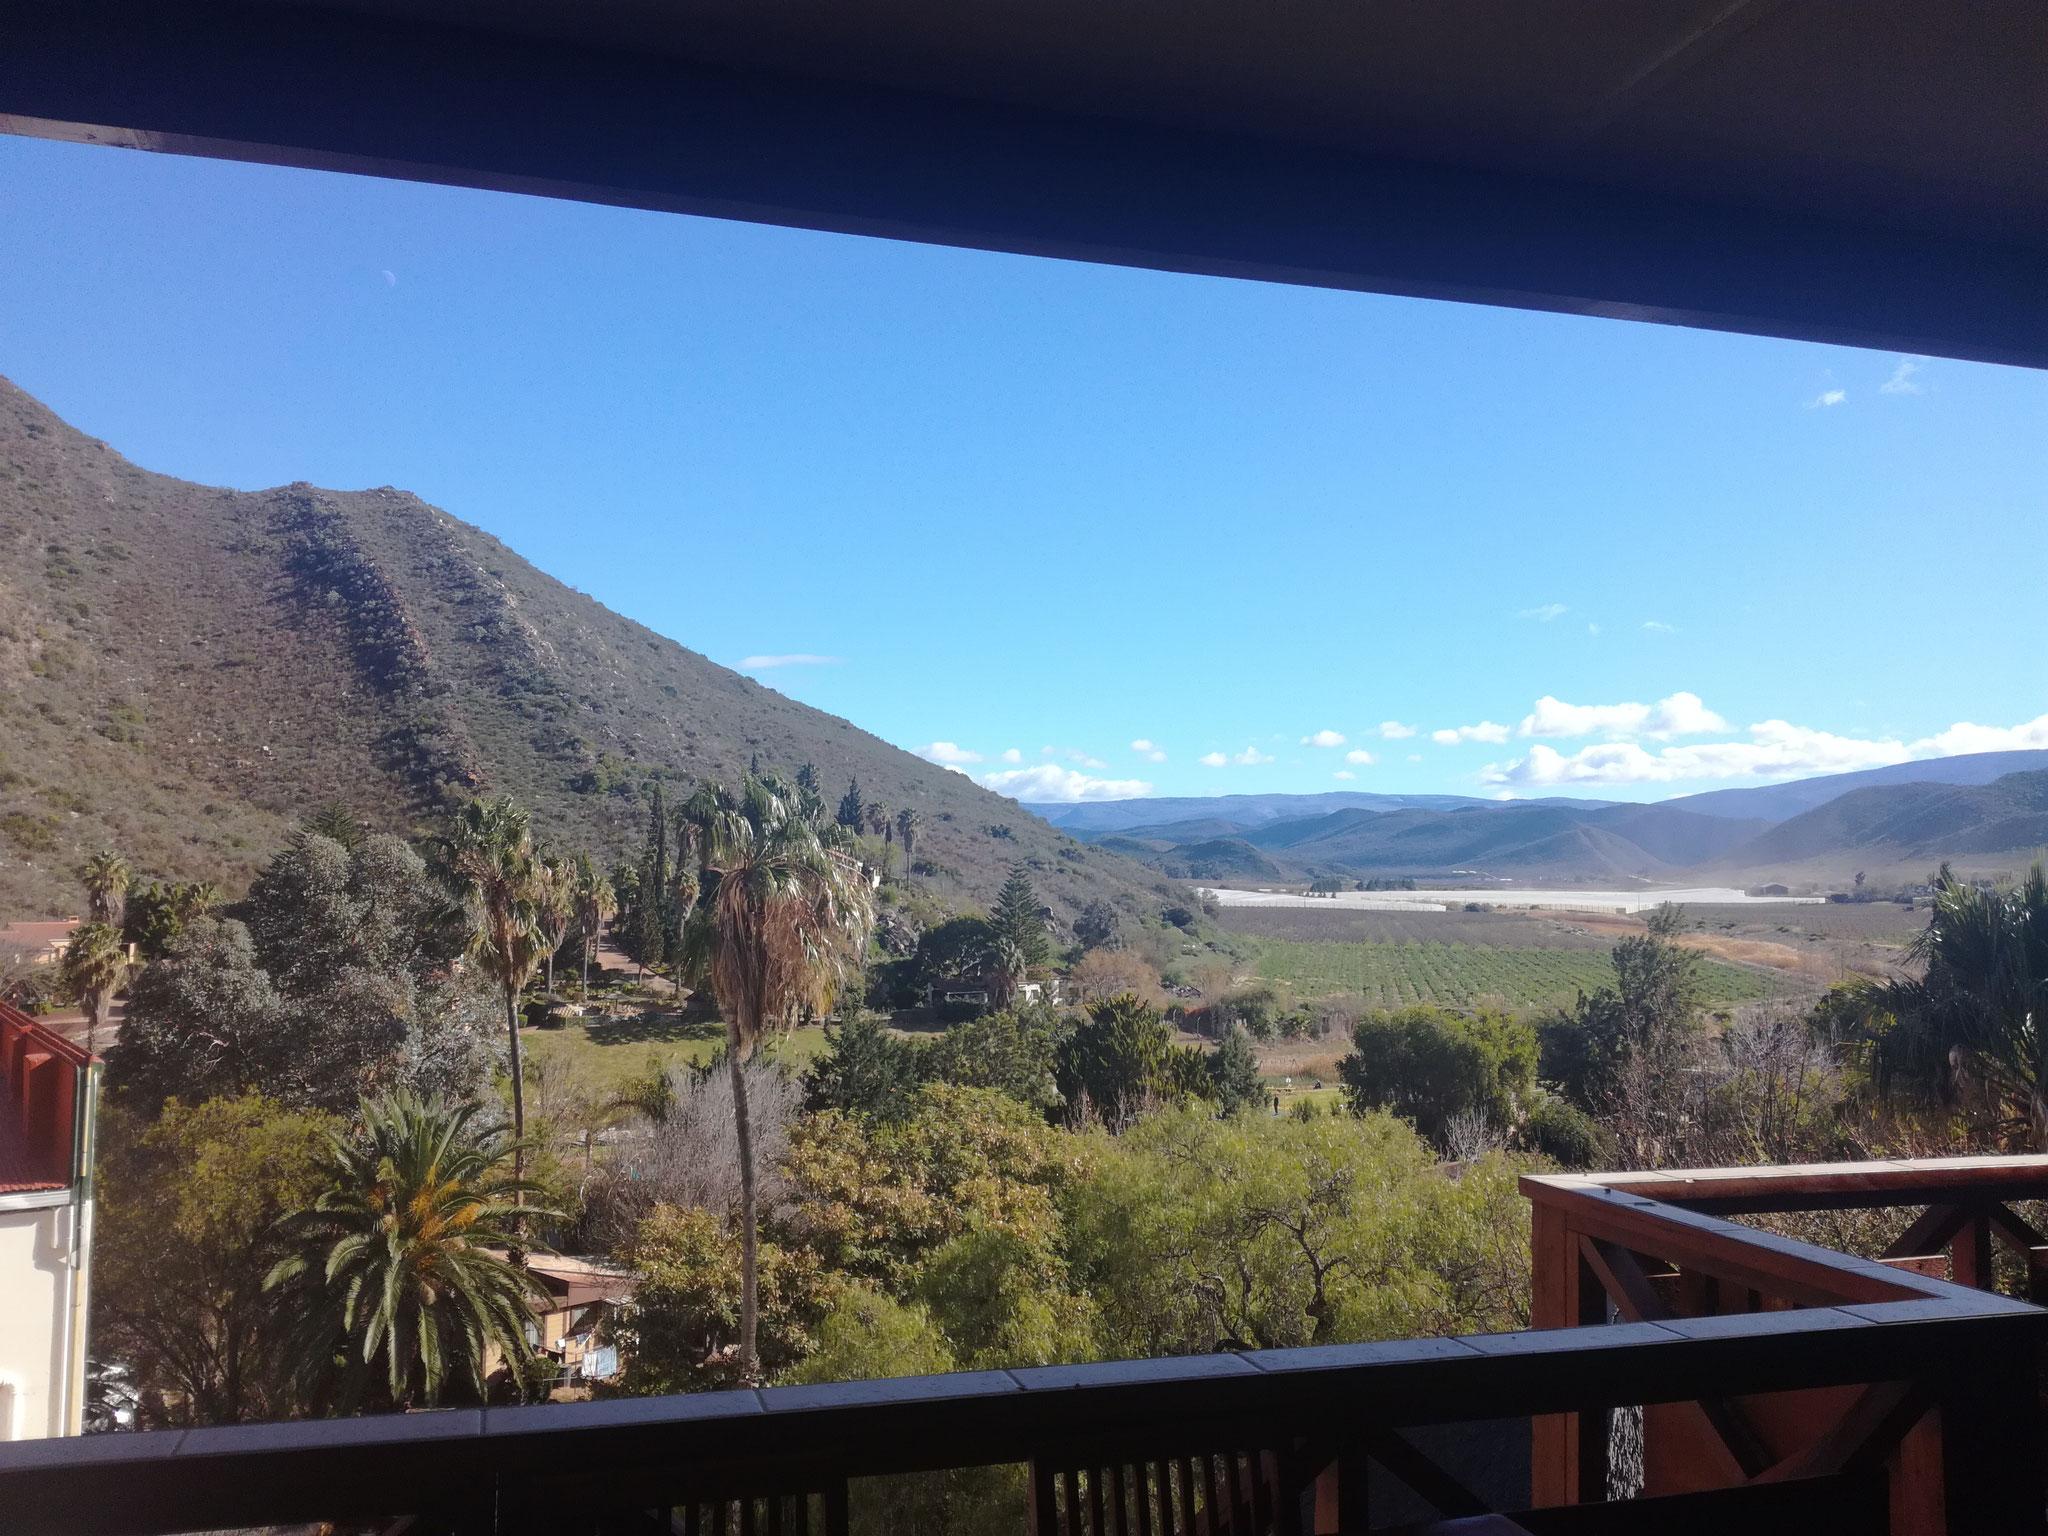 Nochmal der Blick vom Balkon